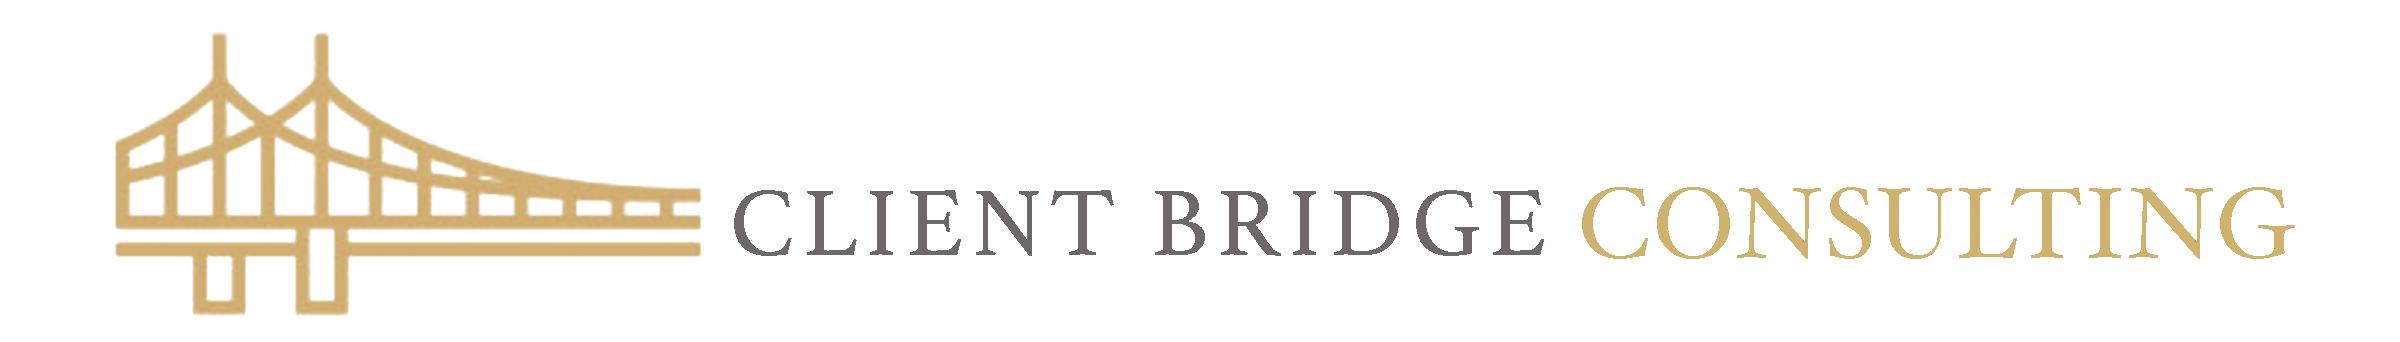 Client Bridge Consulting, LLC